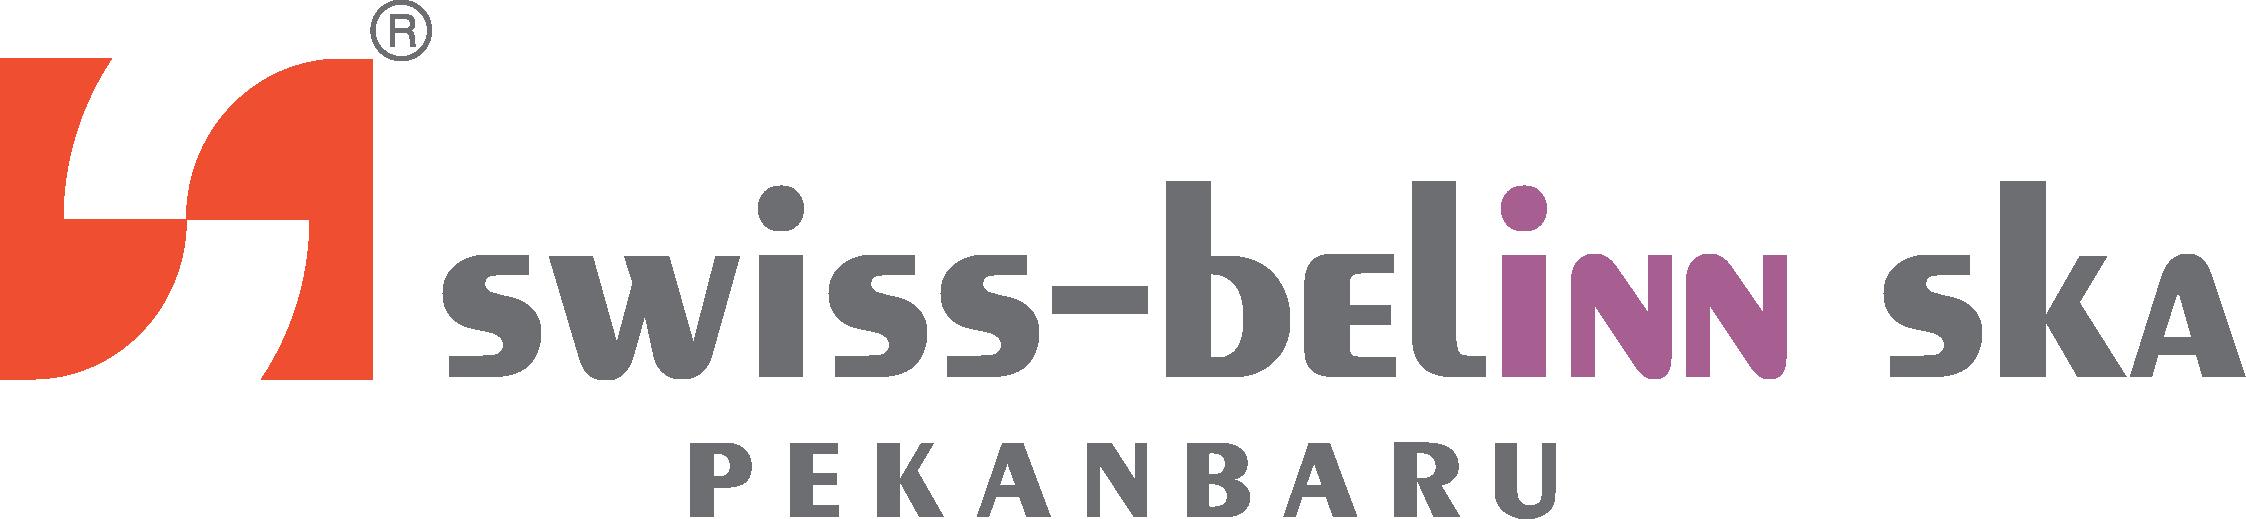 Swiss-Belinn SKA Pekanbaru